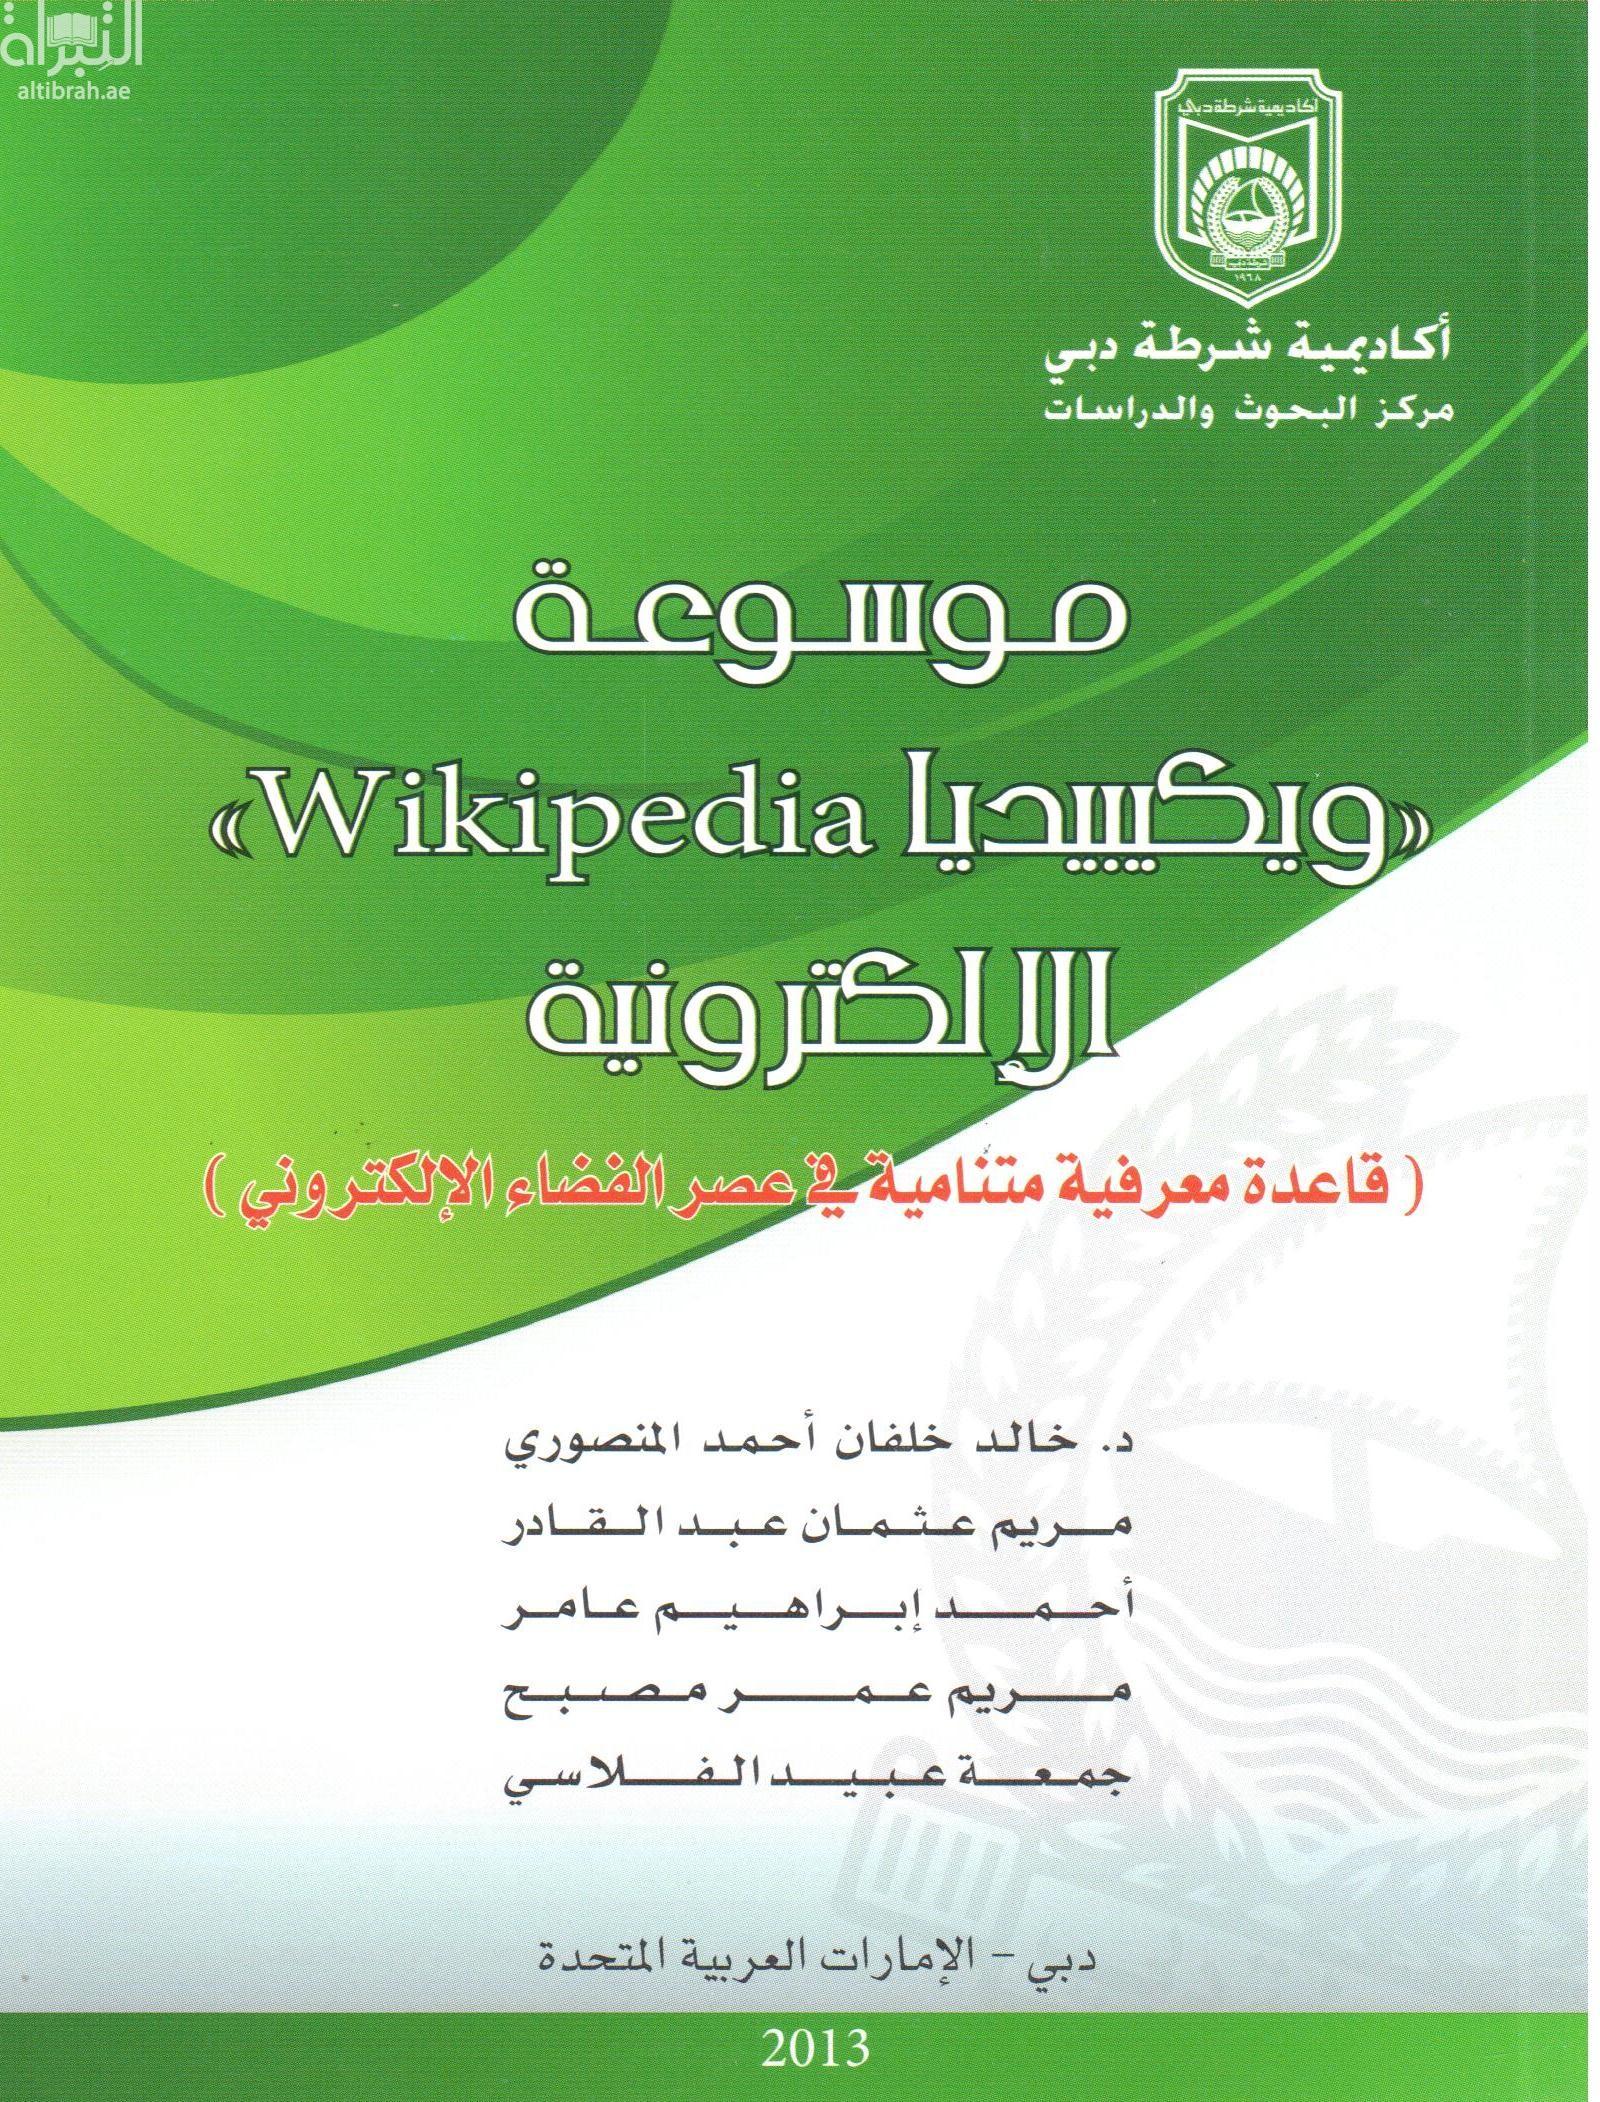 موسوعة ويكيبيديا الإلكترونية : قاعدة معرفية متنامية في عصر الفضاء الإلكتروني